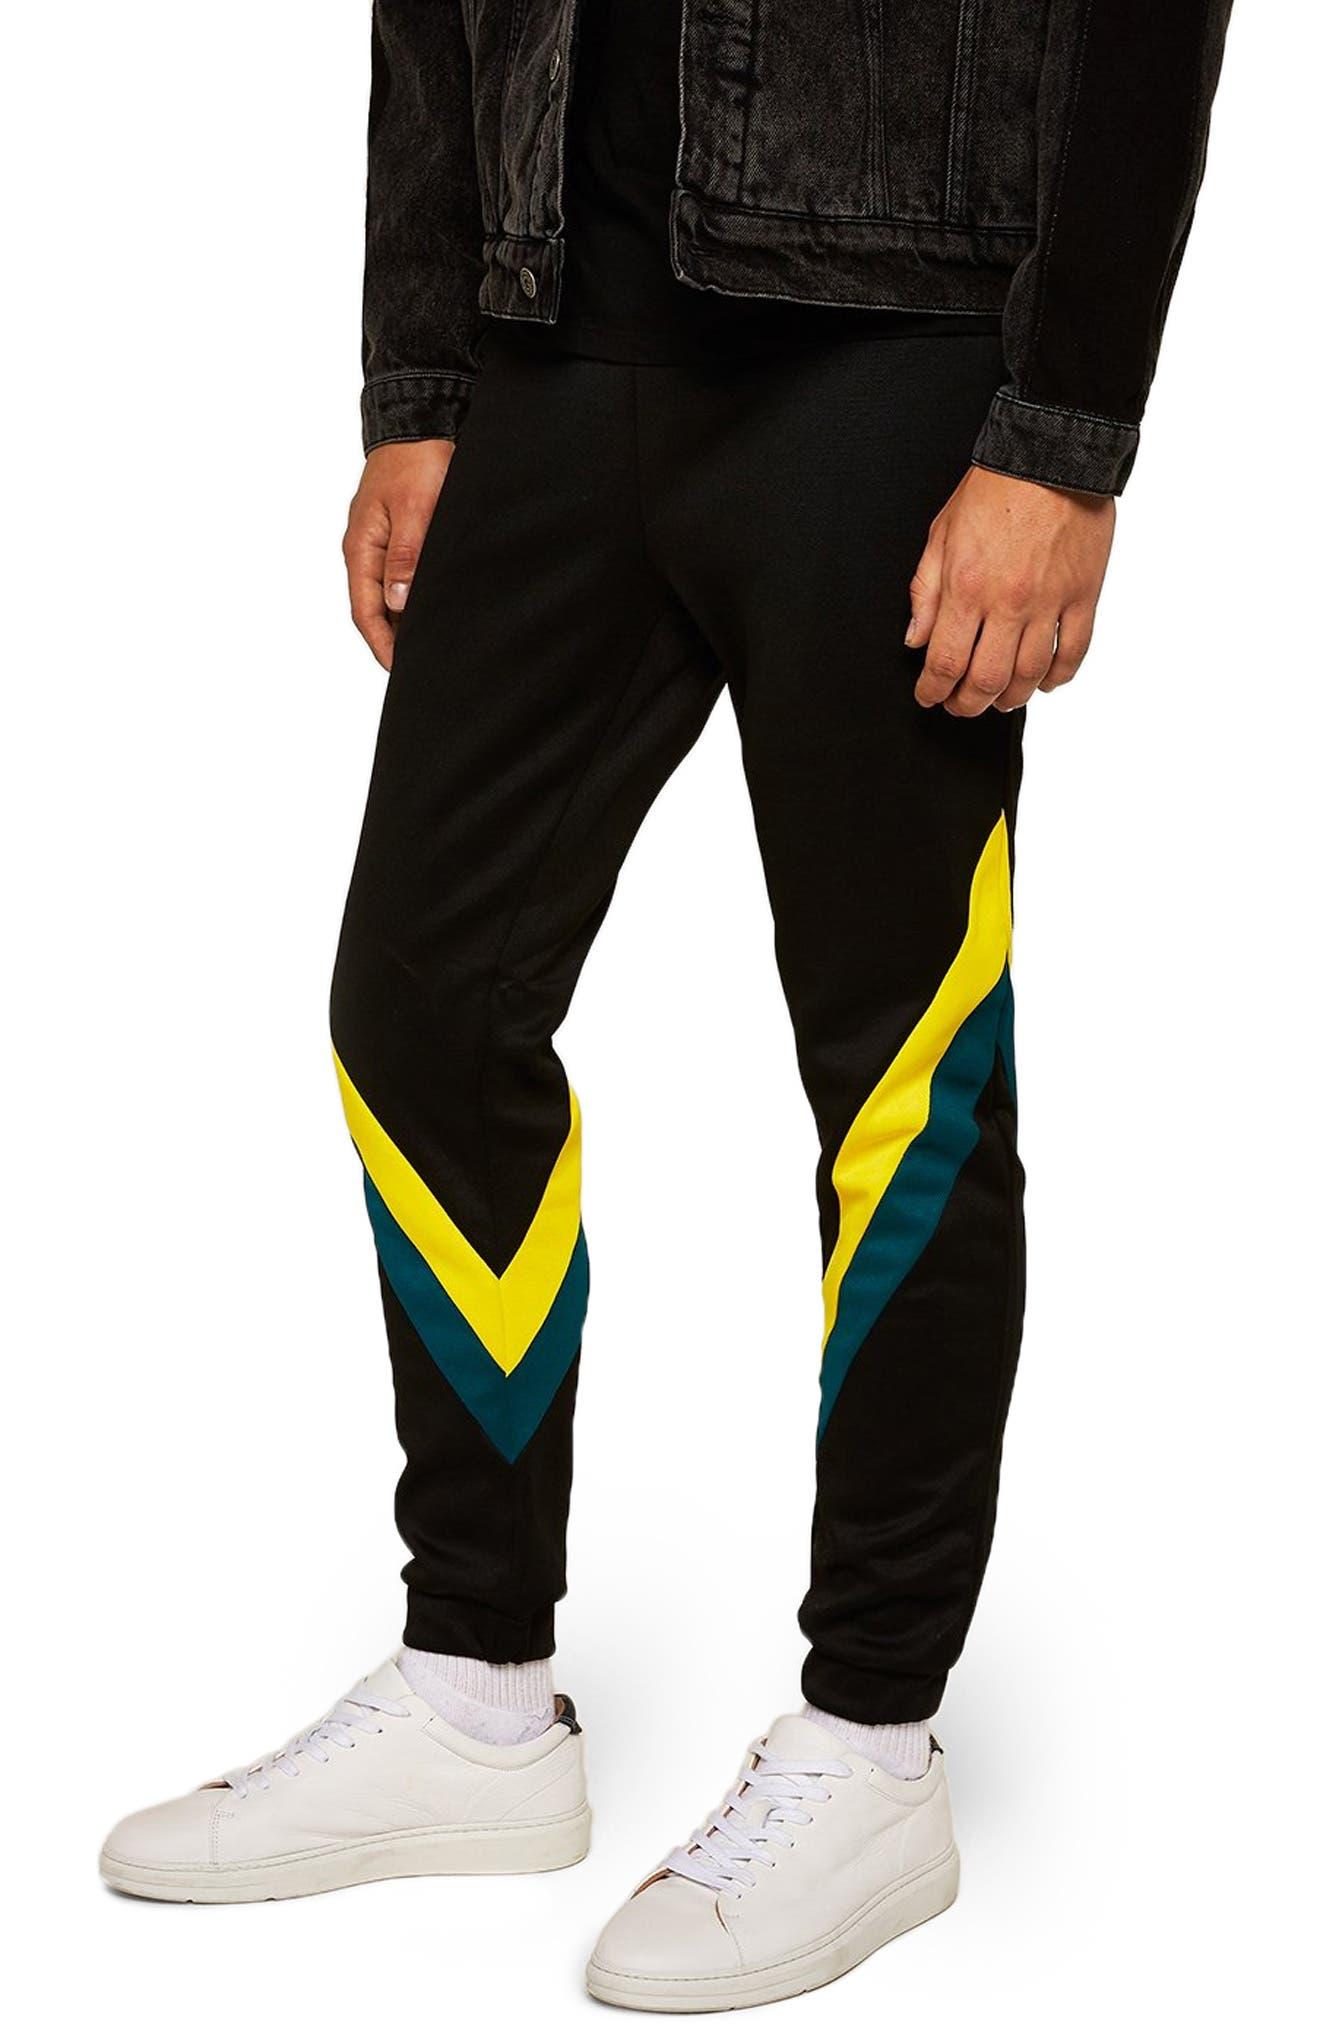 Splice Classic Fit Joggers,                         Main,                         color, BLACK MULTI